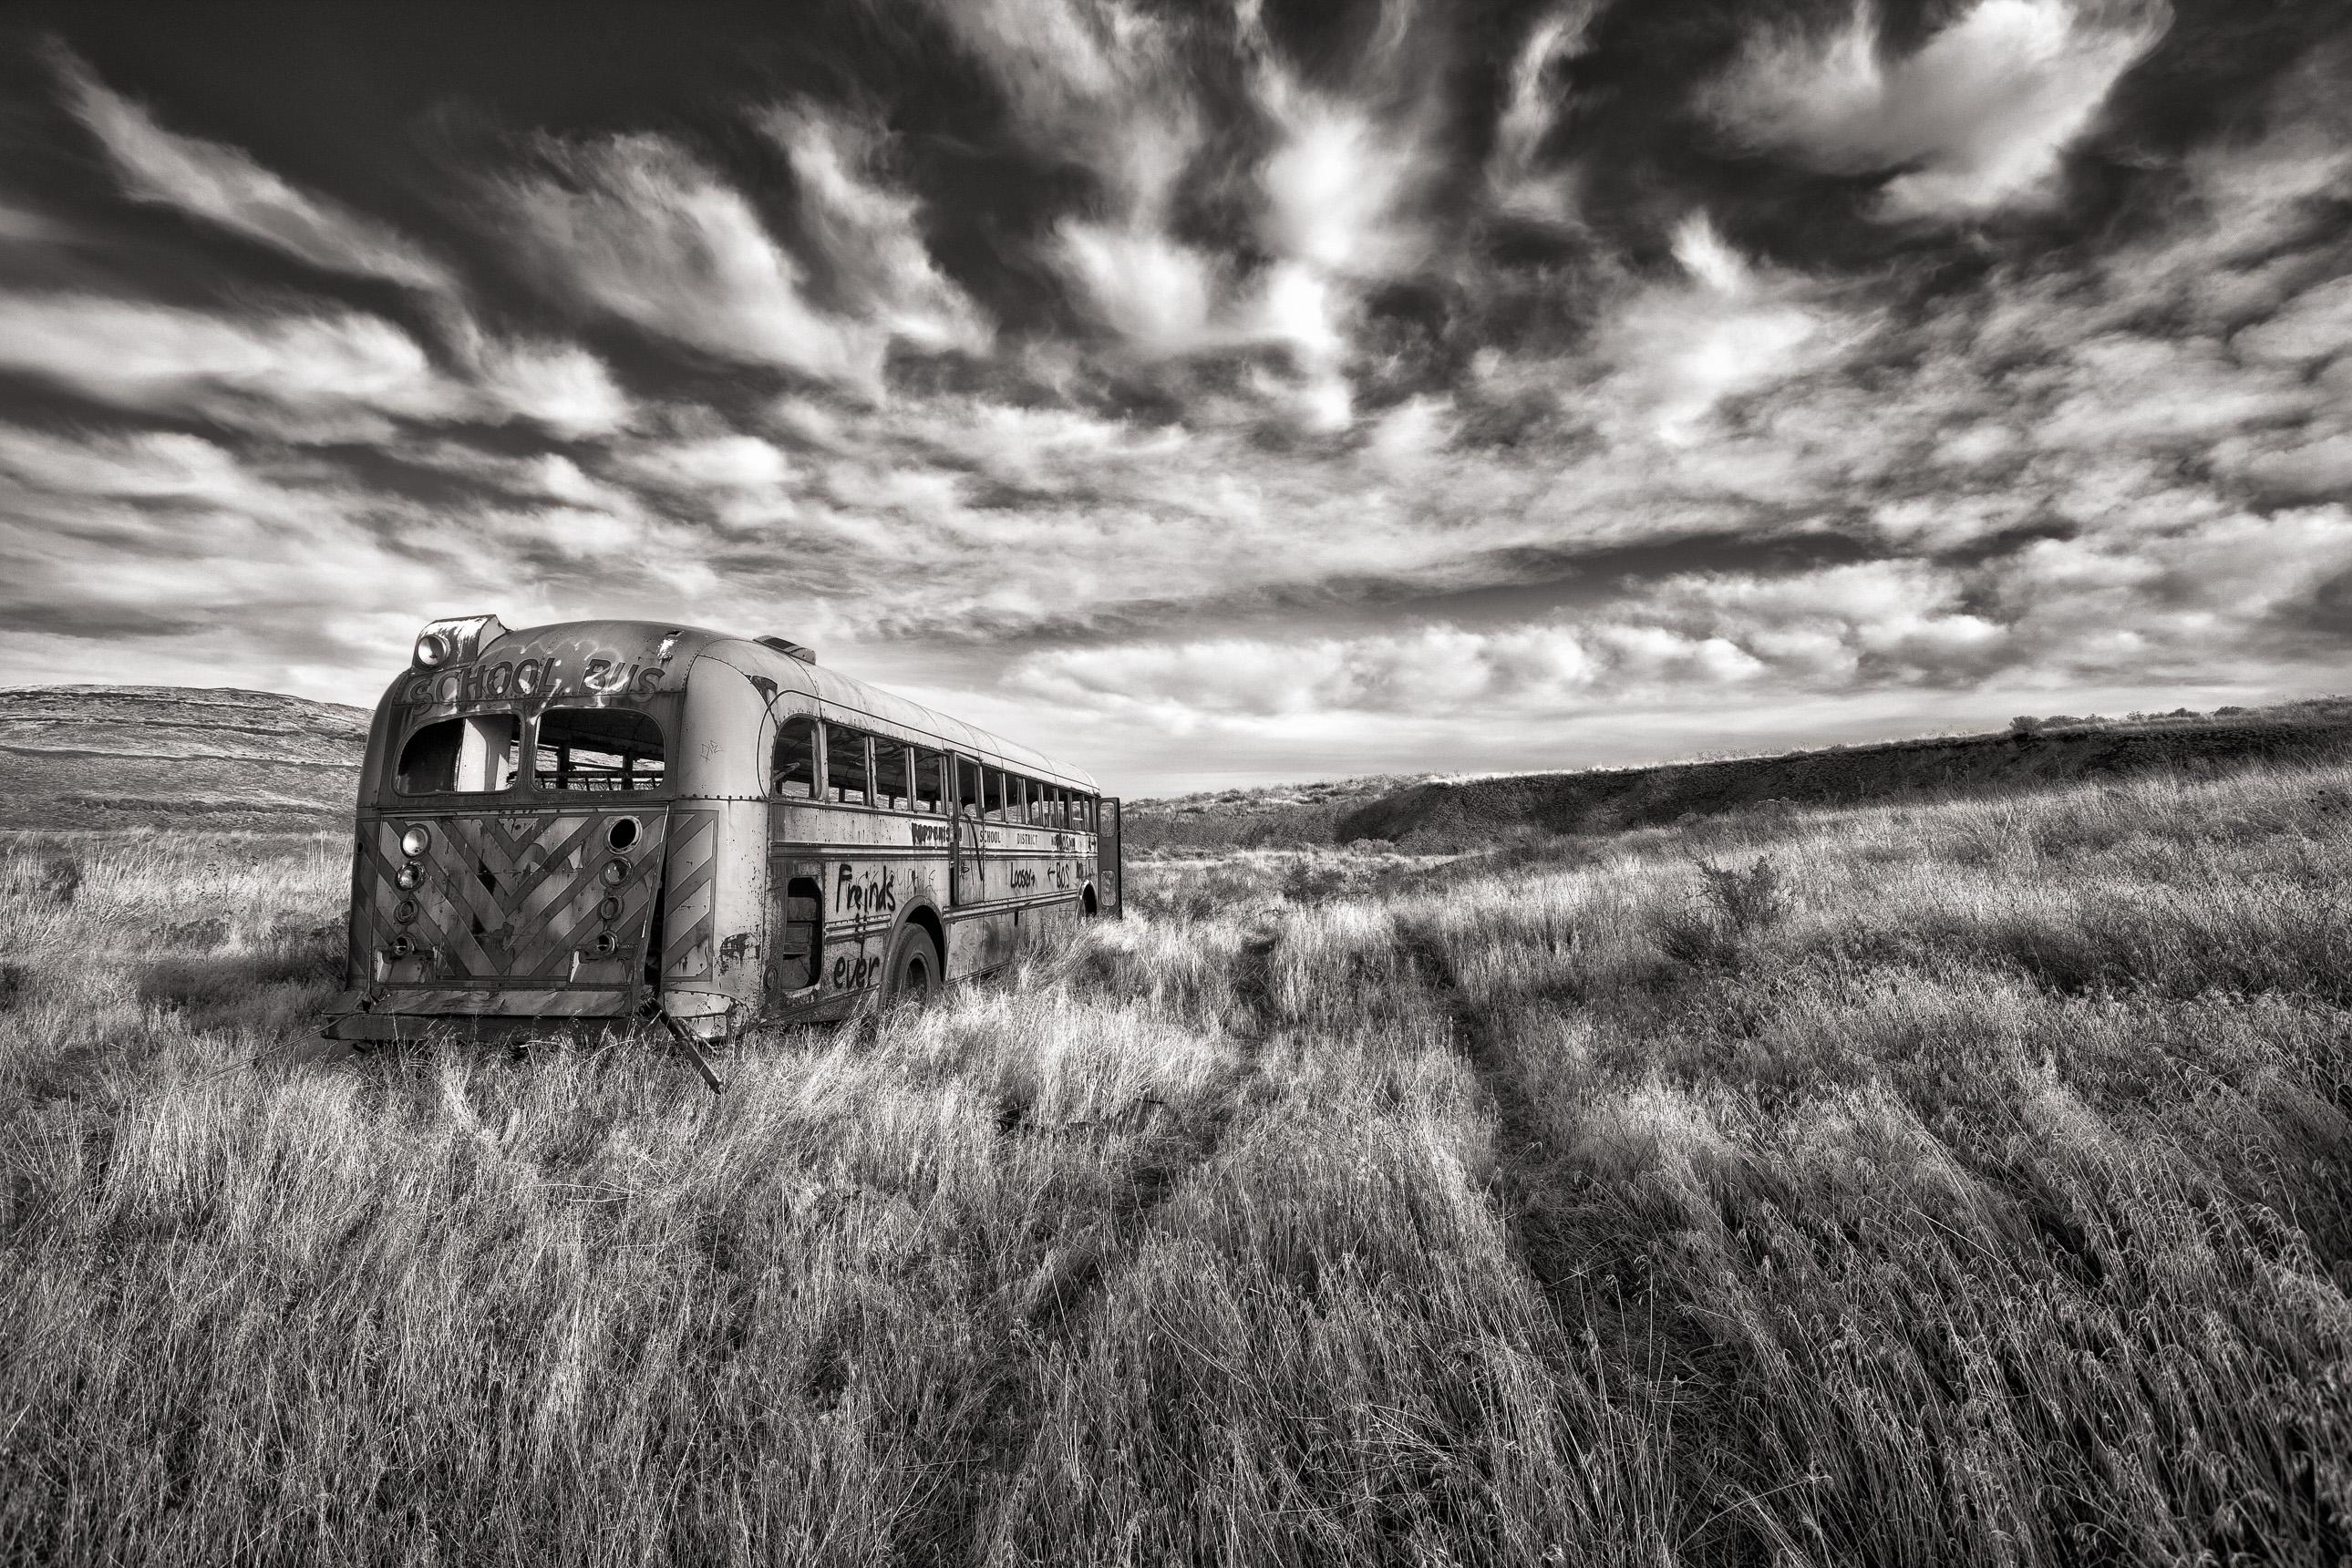 Abandoned school bus on a farm in Washington